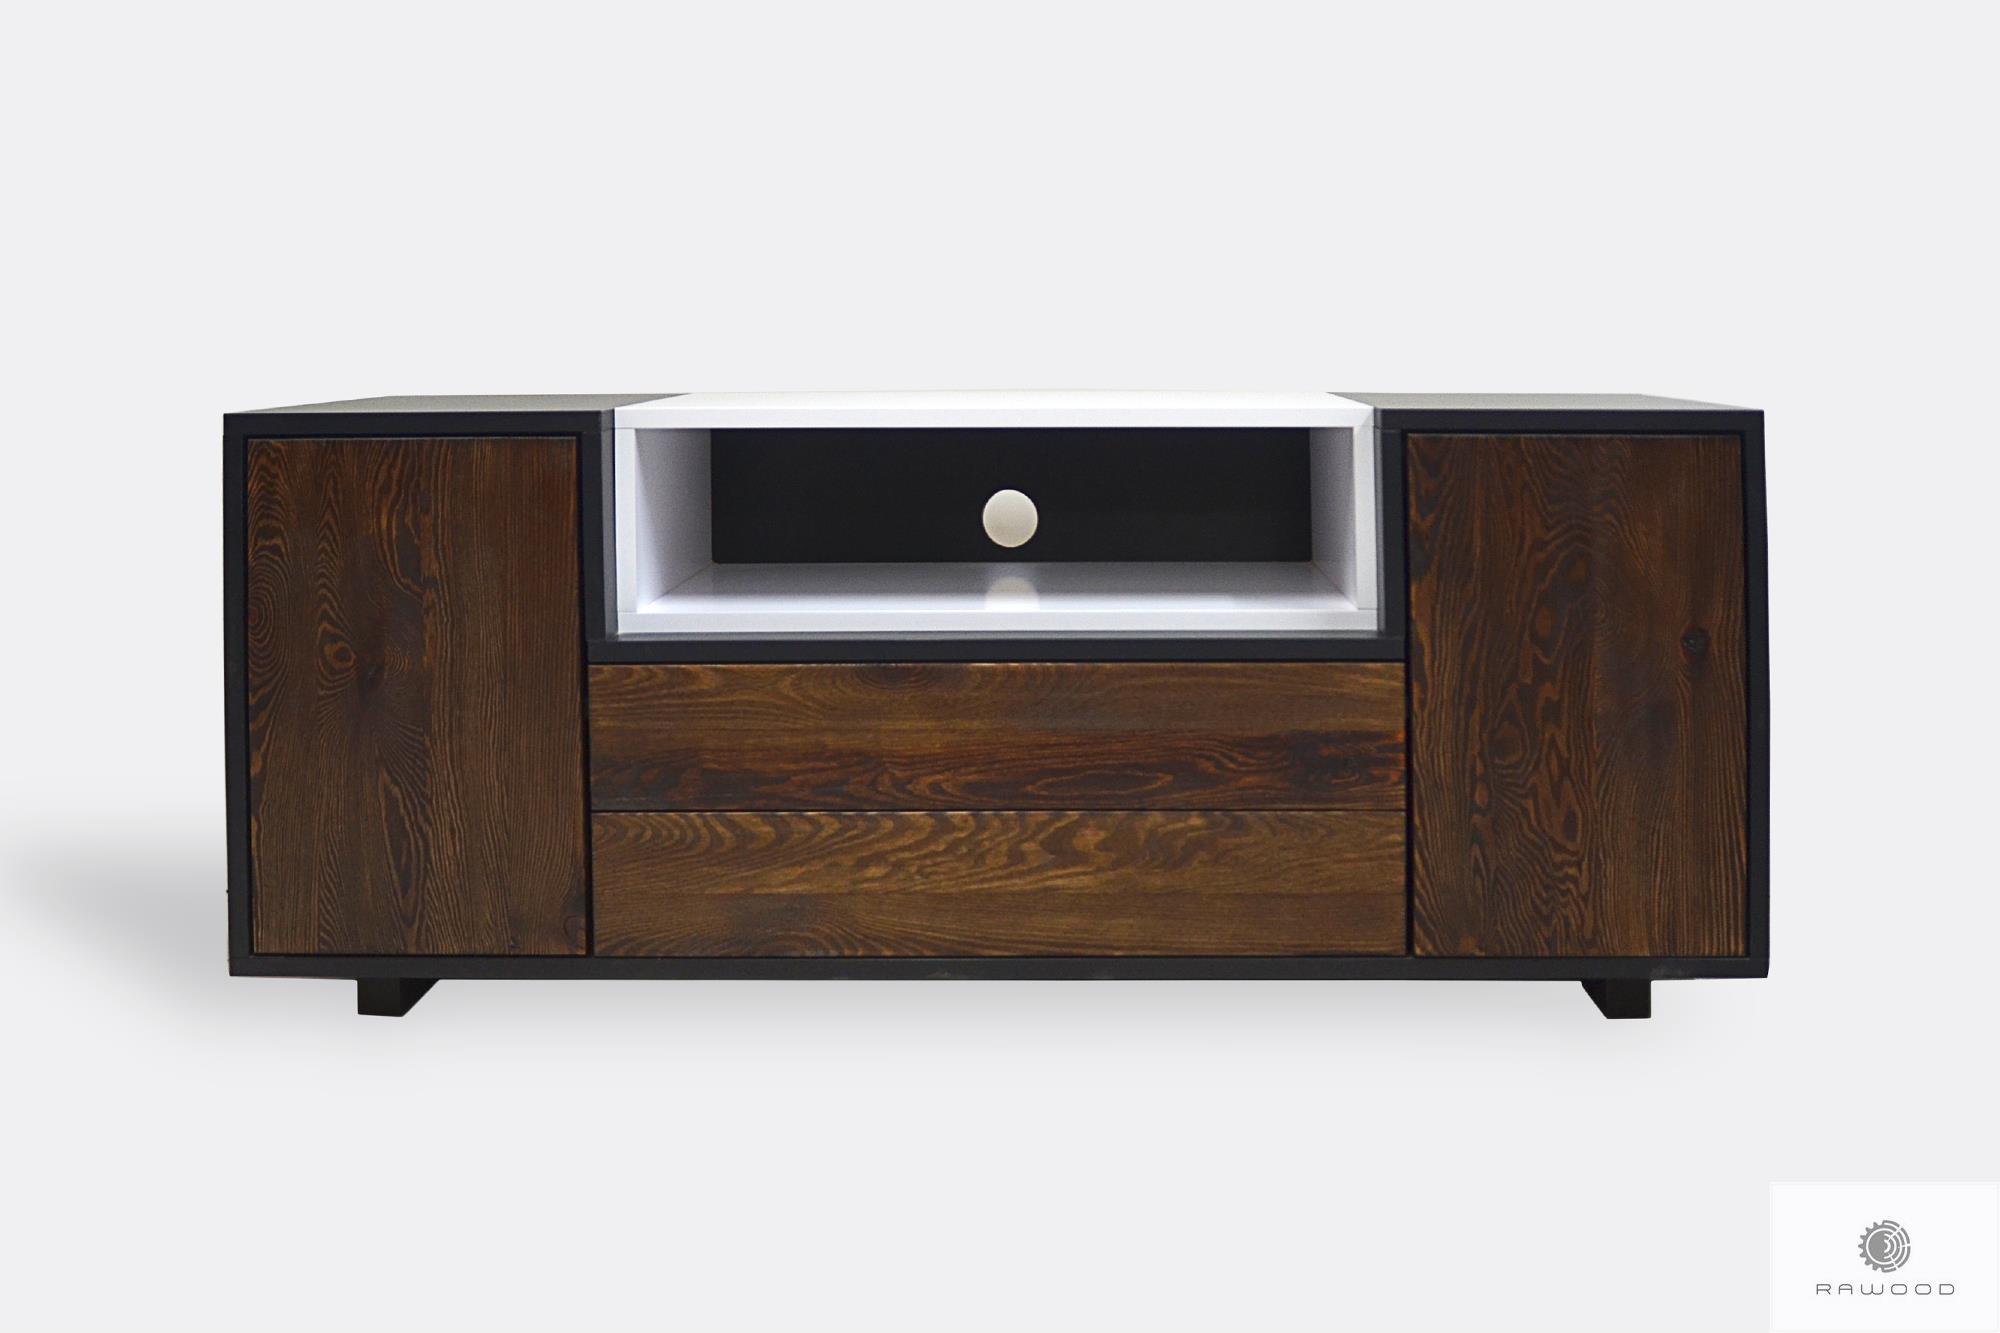 Szafka RTV pod telewizor drewniana nowoczesna do salonu BERGEN